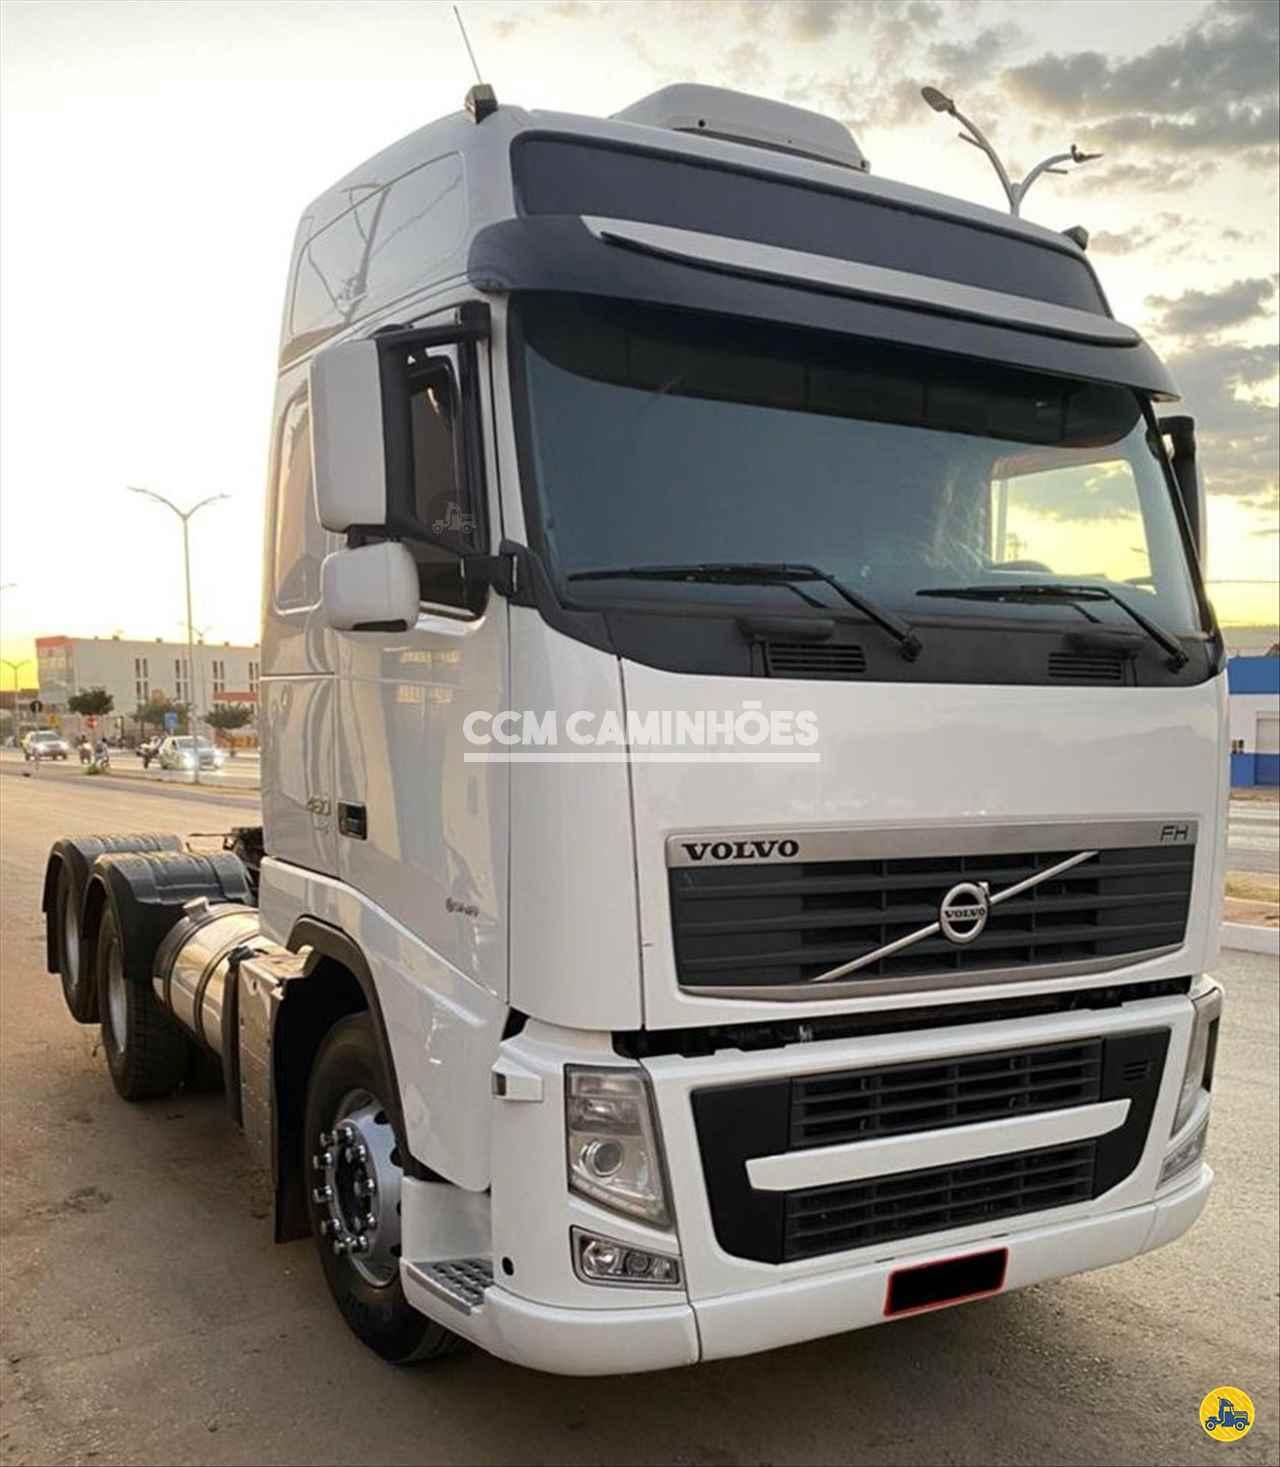 CAMINHAO VOLVO VOLVO FH 460 Cavalo Mecânico Truck 6x2 CCM Caminhões GOIANIA GOIAS GO